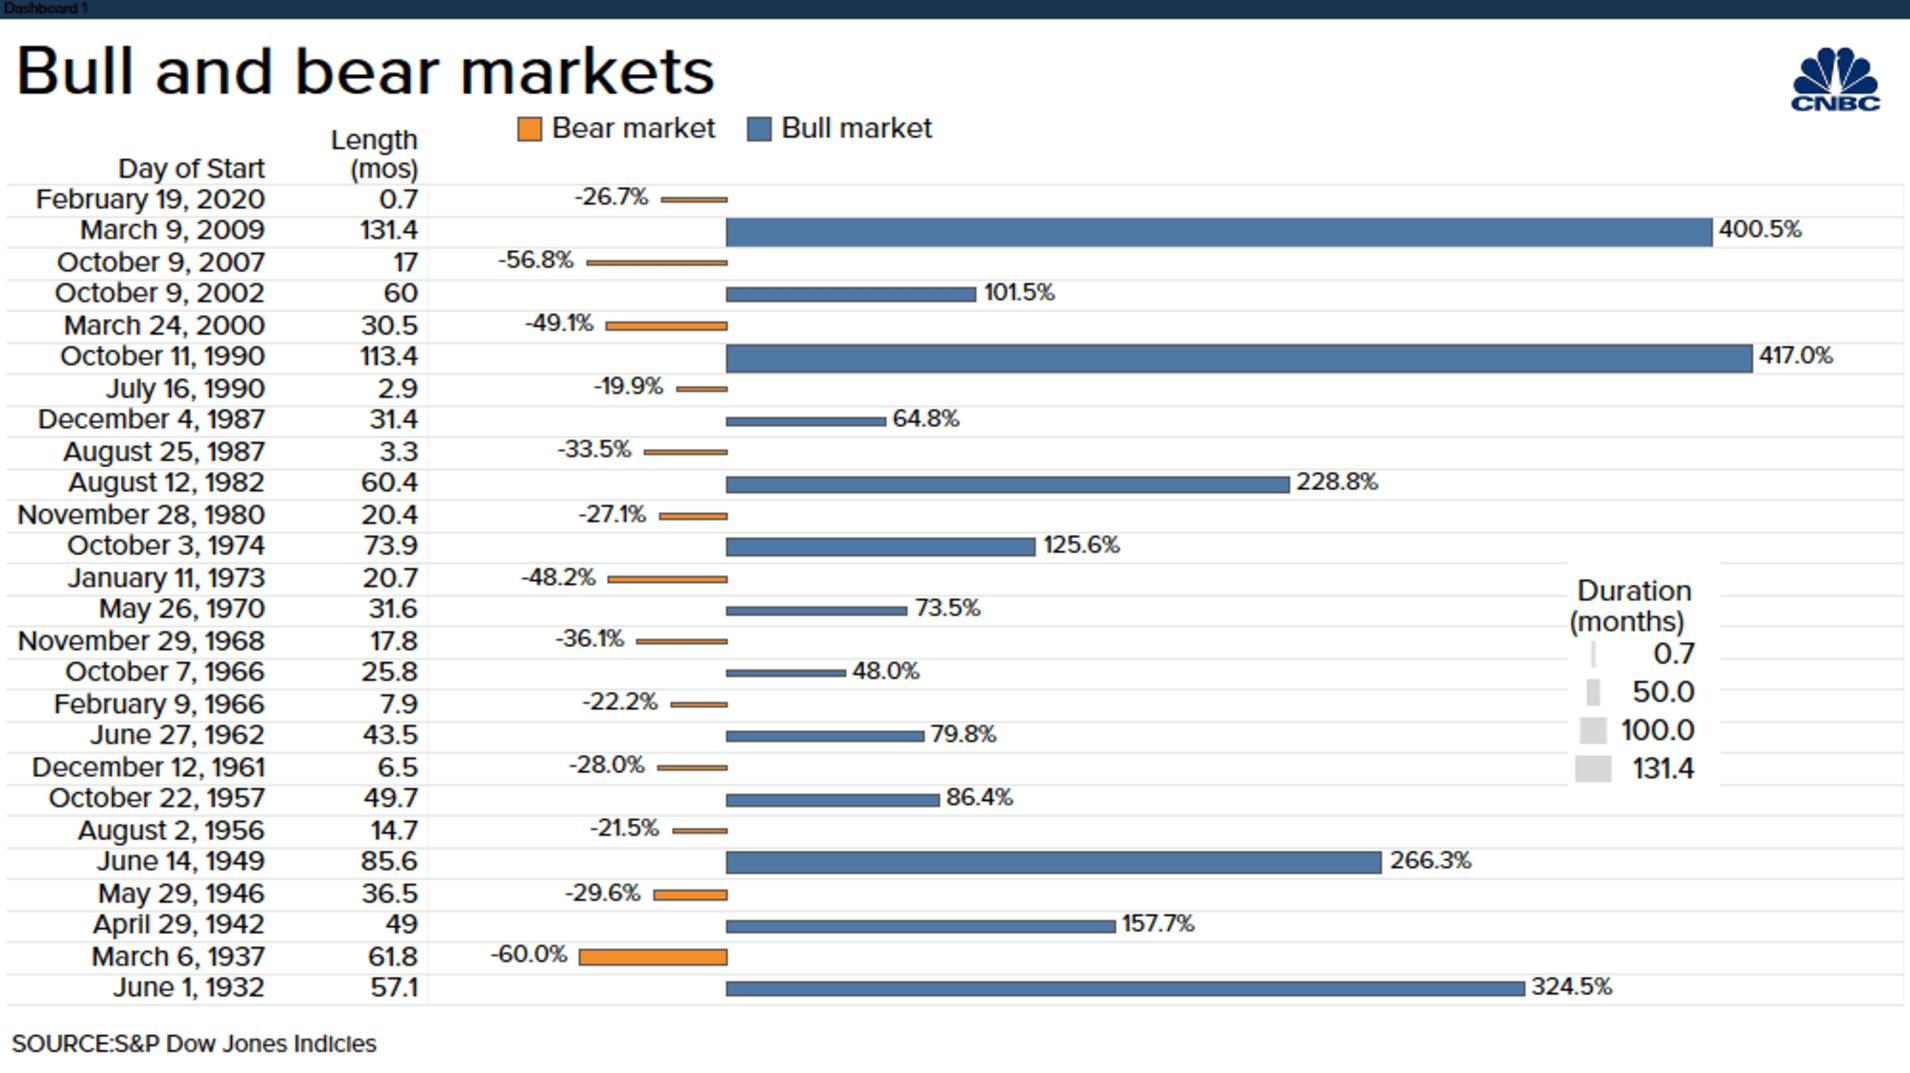 Americké býčí a medvědí trhy - jejich délka v měsících a celkový růst